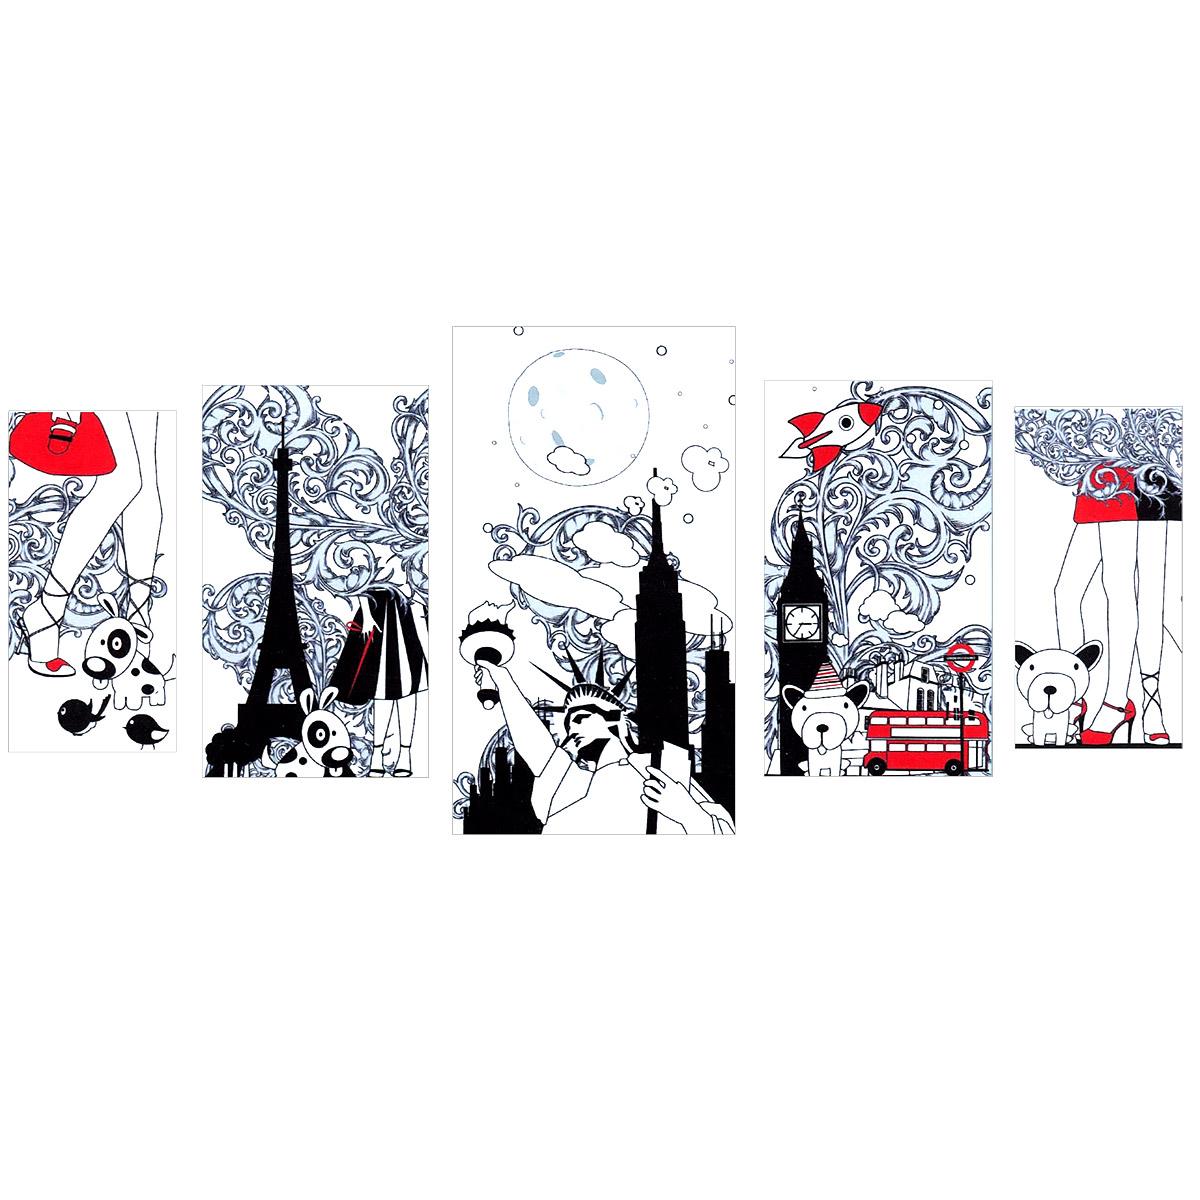 Модульная картина на холсте КвикДекор Города, 202 см х 90 смPSM-14-0402-1Модульная картина на холсте КвикДекор Города - это прекрасное решение для декора помещения. Картина состоит из пяти частей (модулей) разного размера, объединенных общей тематикой. Картина составная, то есть изображение на каждом модуле является самостоятельным. Такую композицию можно вешать как угодно - вертикально, горизонтально, со сдвигом или блоками. Модули вешаются на расстоянии 2-3 см друг от друга. Латексная печать (без запаха) на натуральном х/б холсте, галерейная натяжка на деревянные подрамники из высококачественной сосны. Такая картина будет потрясающе смотреться в детской комнате. Она привнесет в интерьер яркий акцент и сделает обстановку комфортной и уютной. Яркие краски и интересное оформление обязательно понравятся вашему малышу. Картина в стрейч-пленке с защитными картонными уголками упакована в гофрокоробку с термоусадкой.